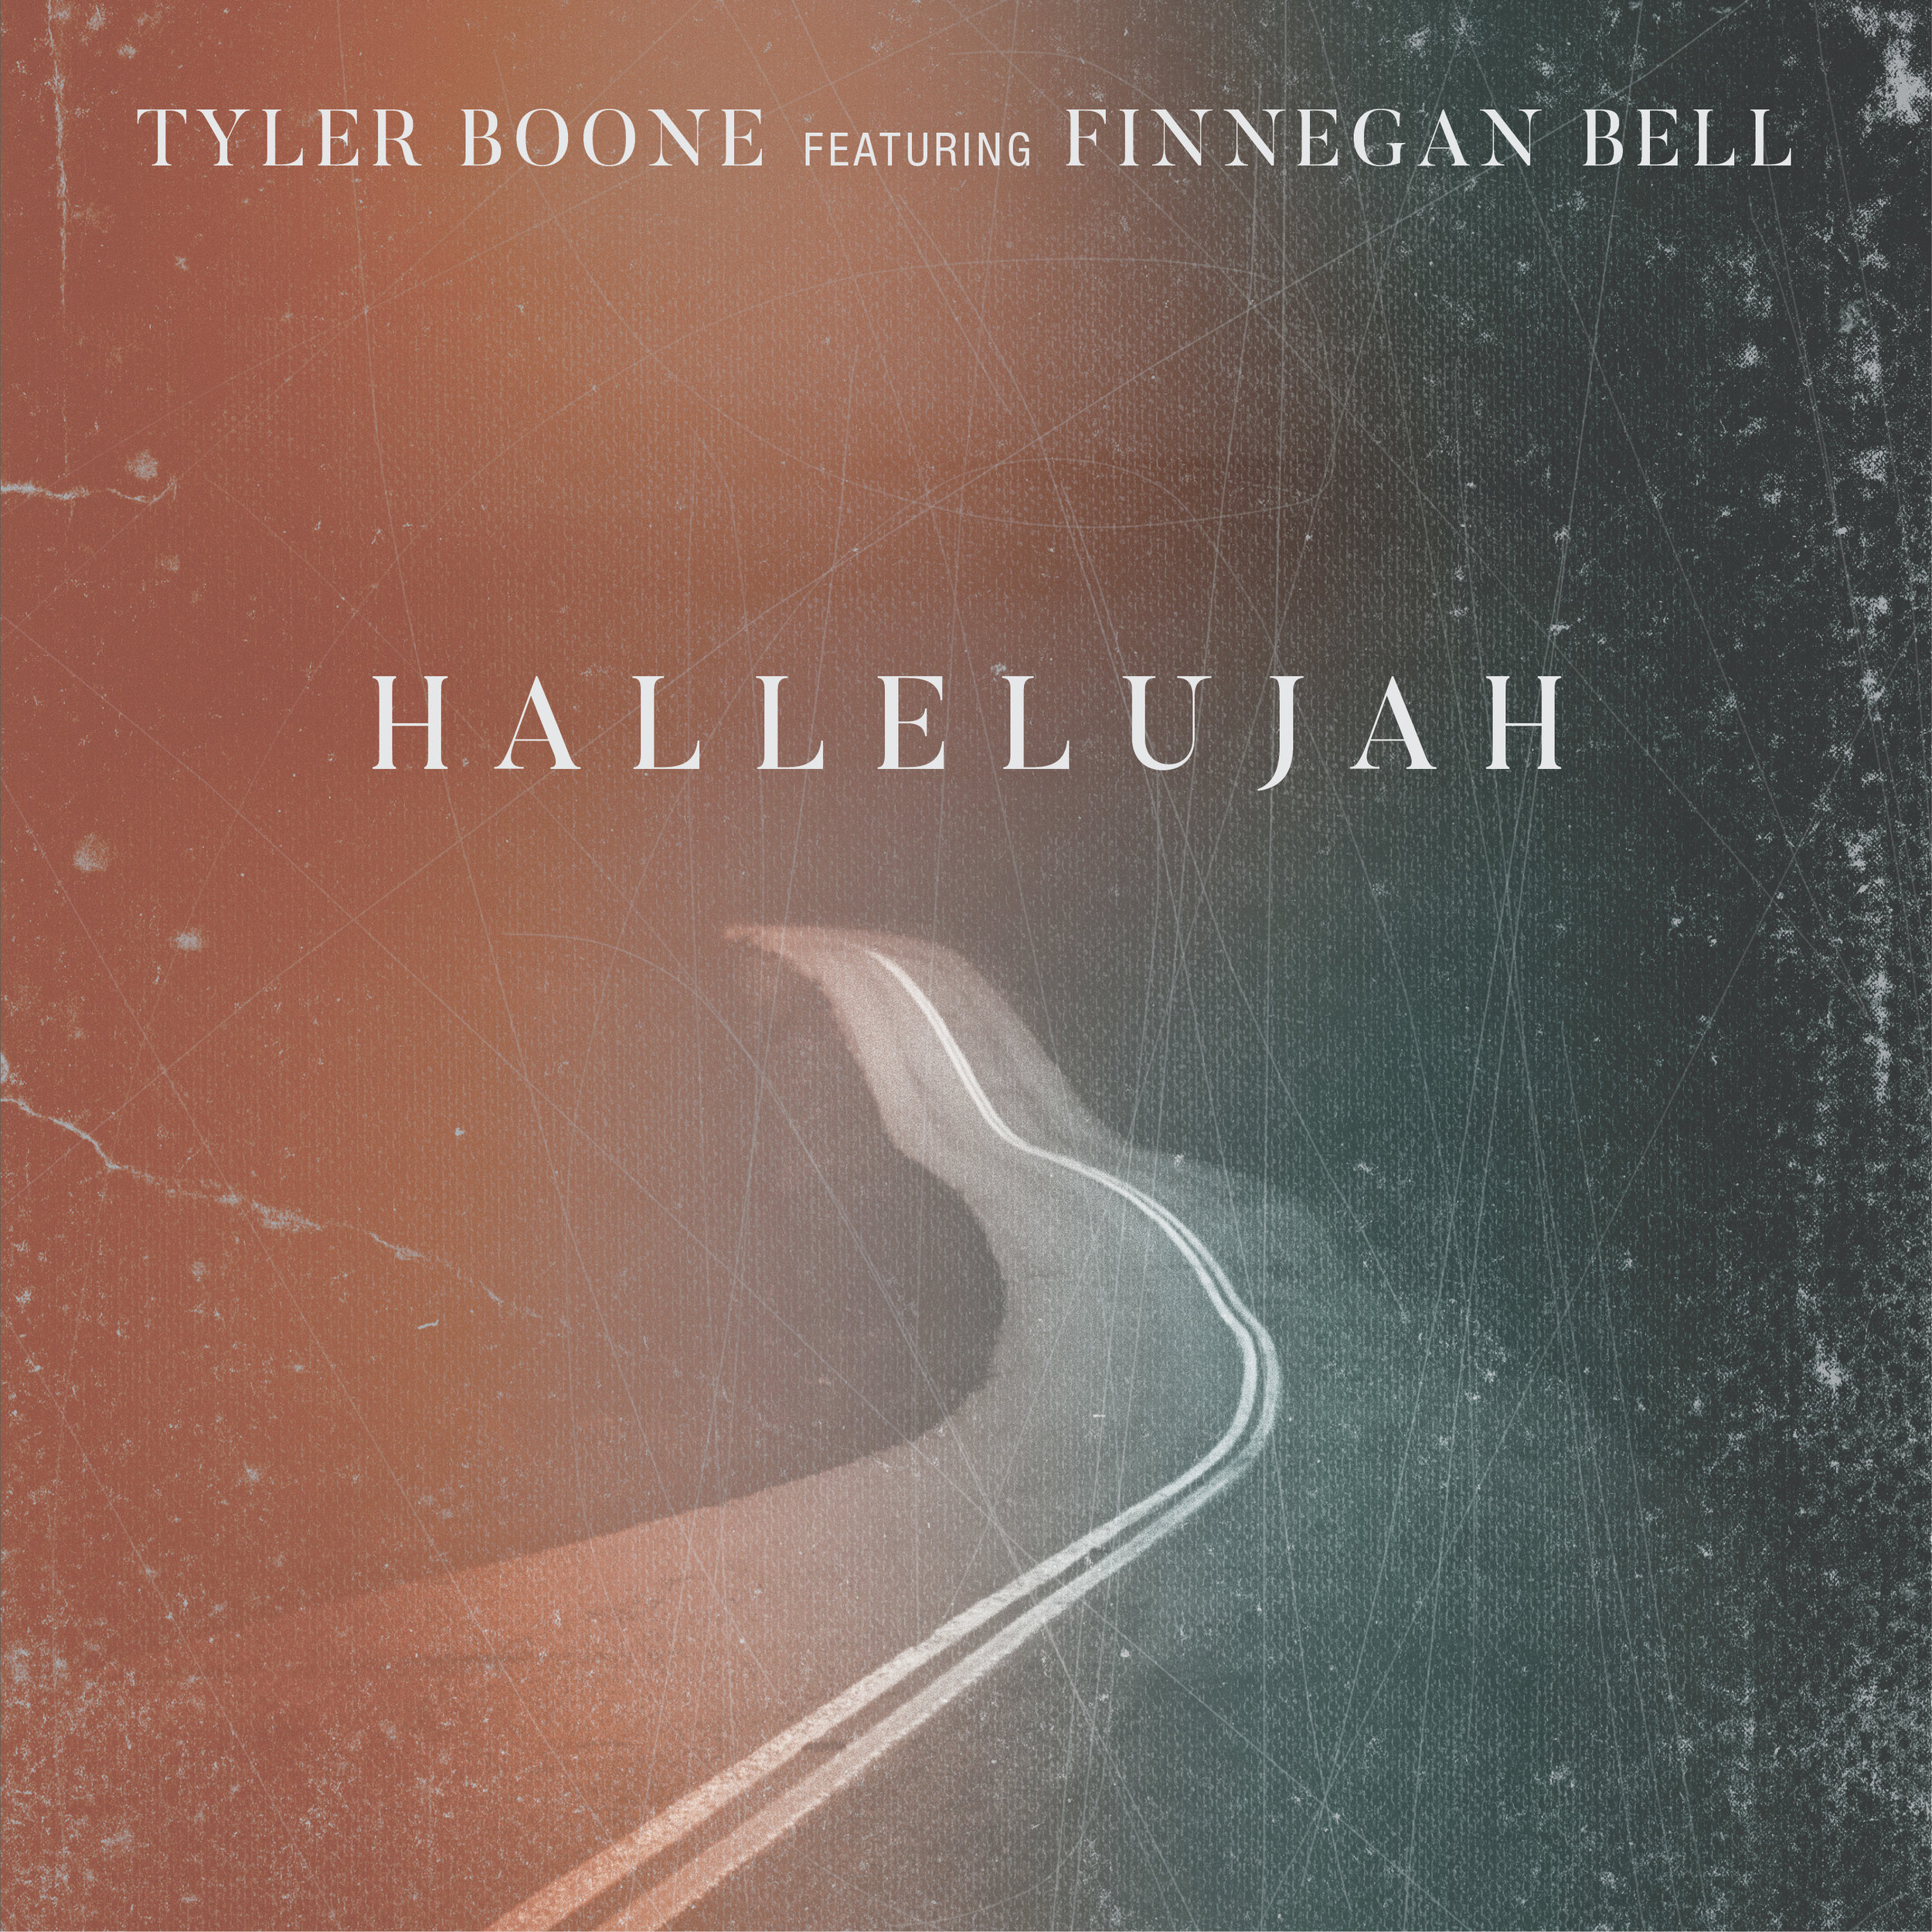 TylerBoone-Finnegan Bell-Hallelujah-3000x3000.jpg